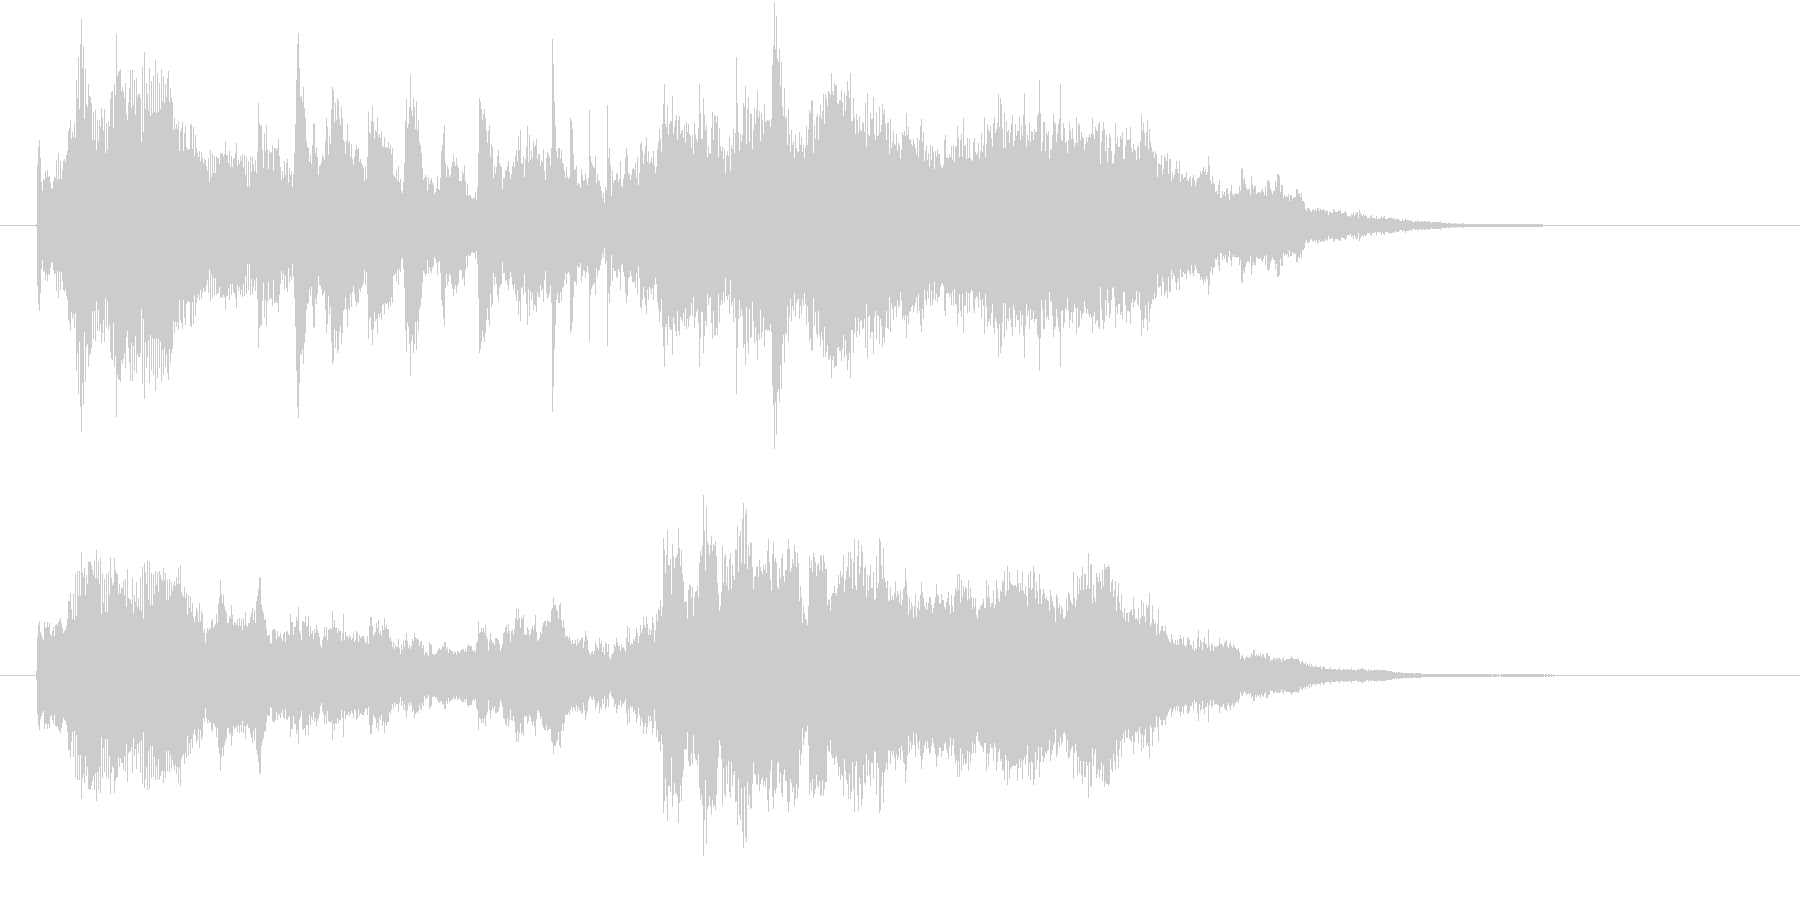 先進的で幻想的なクリスタルサウンドロゴの未再生の波形